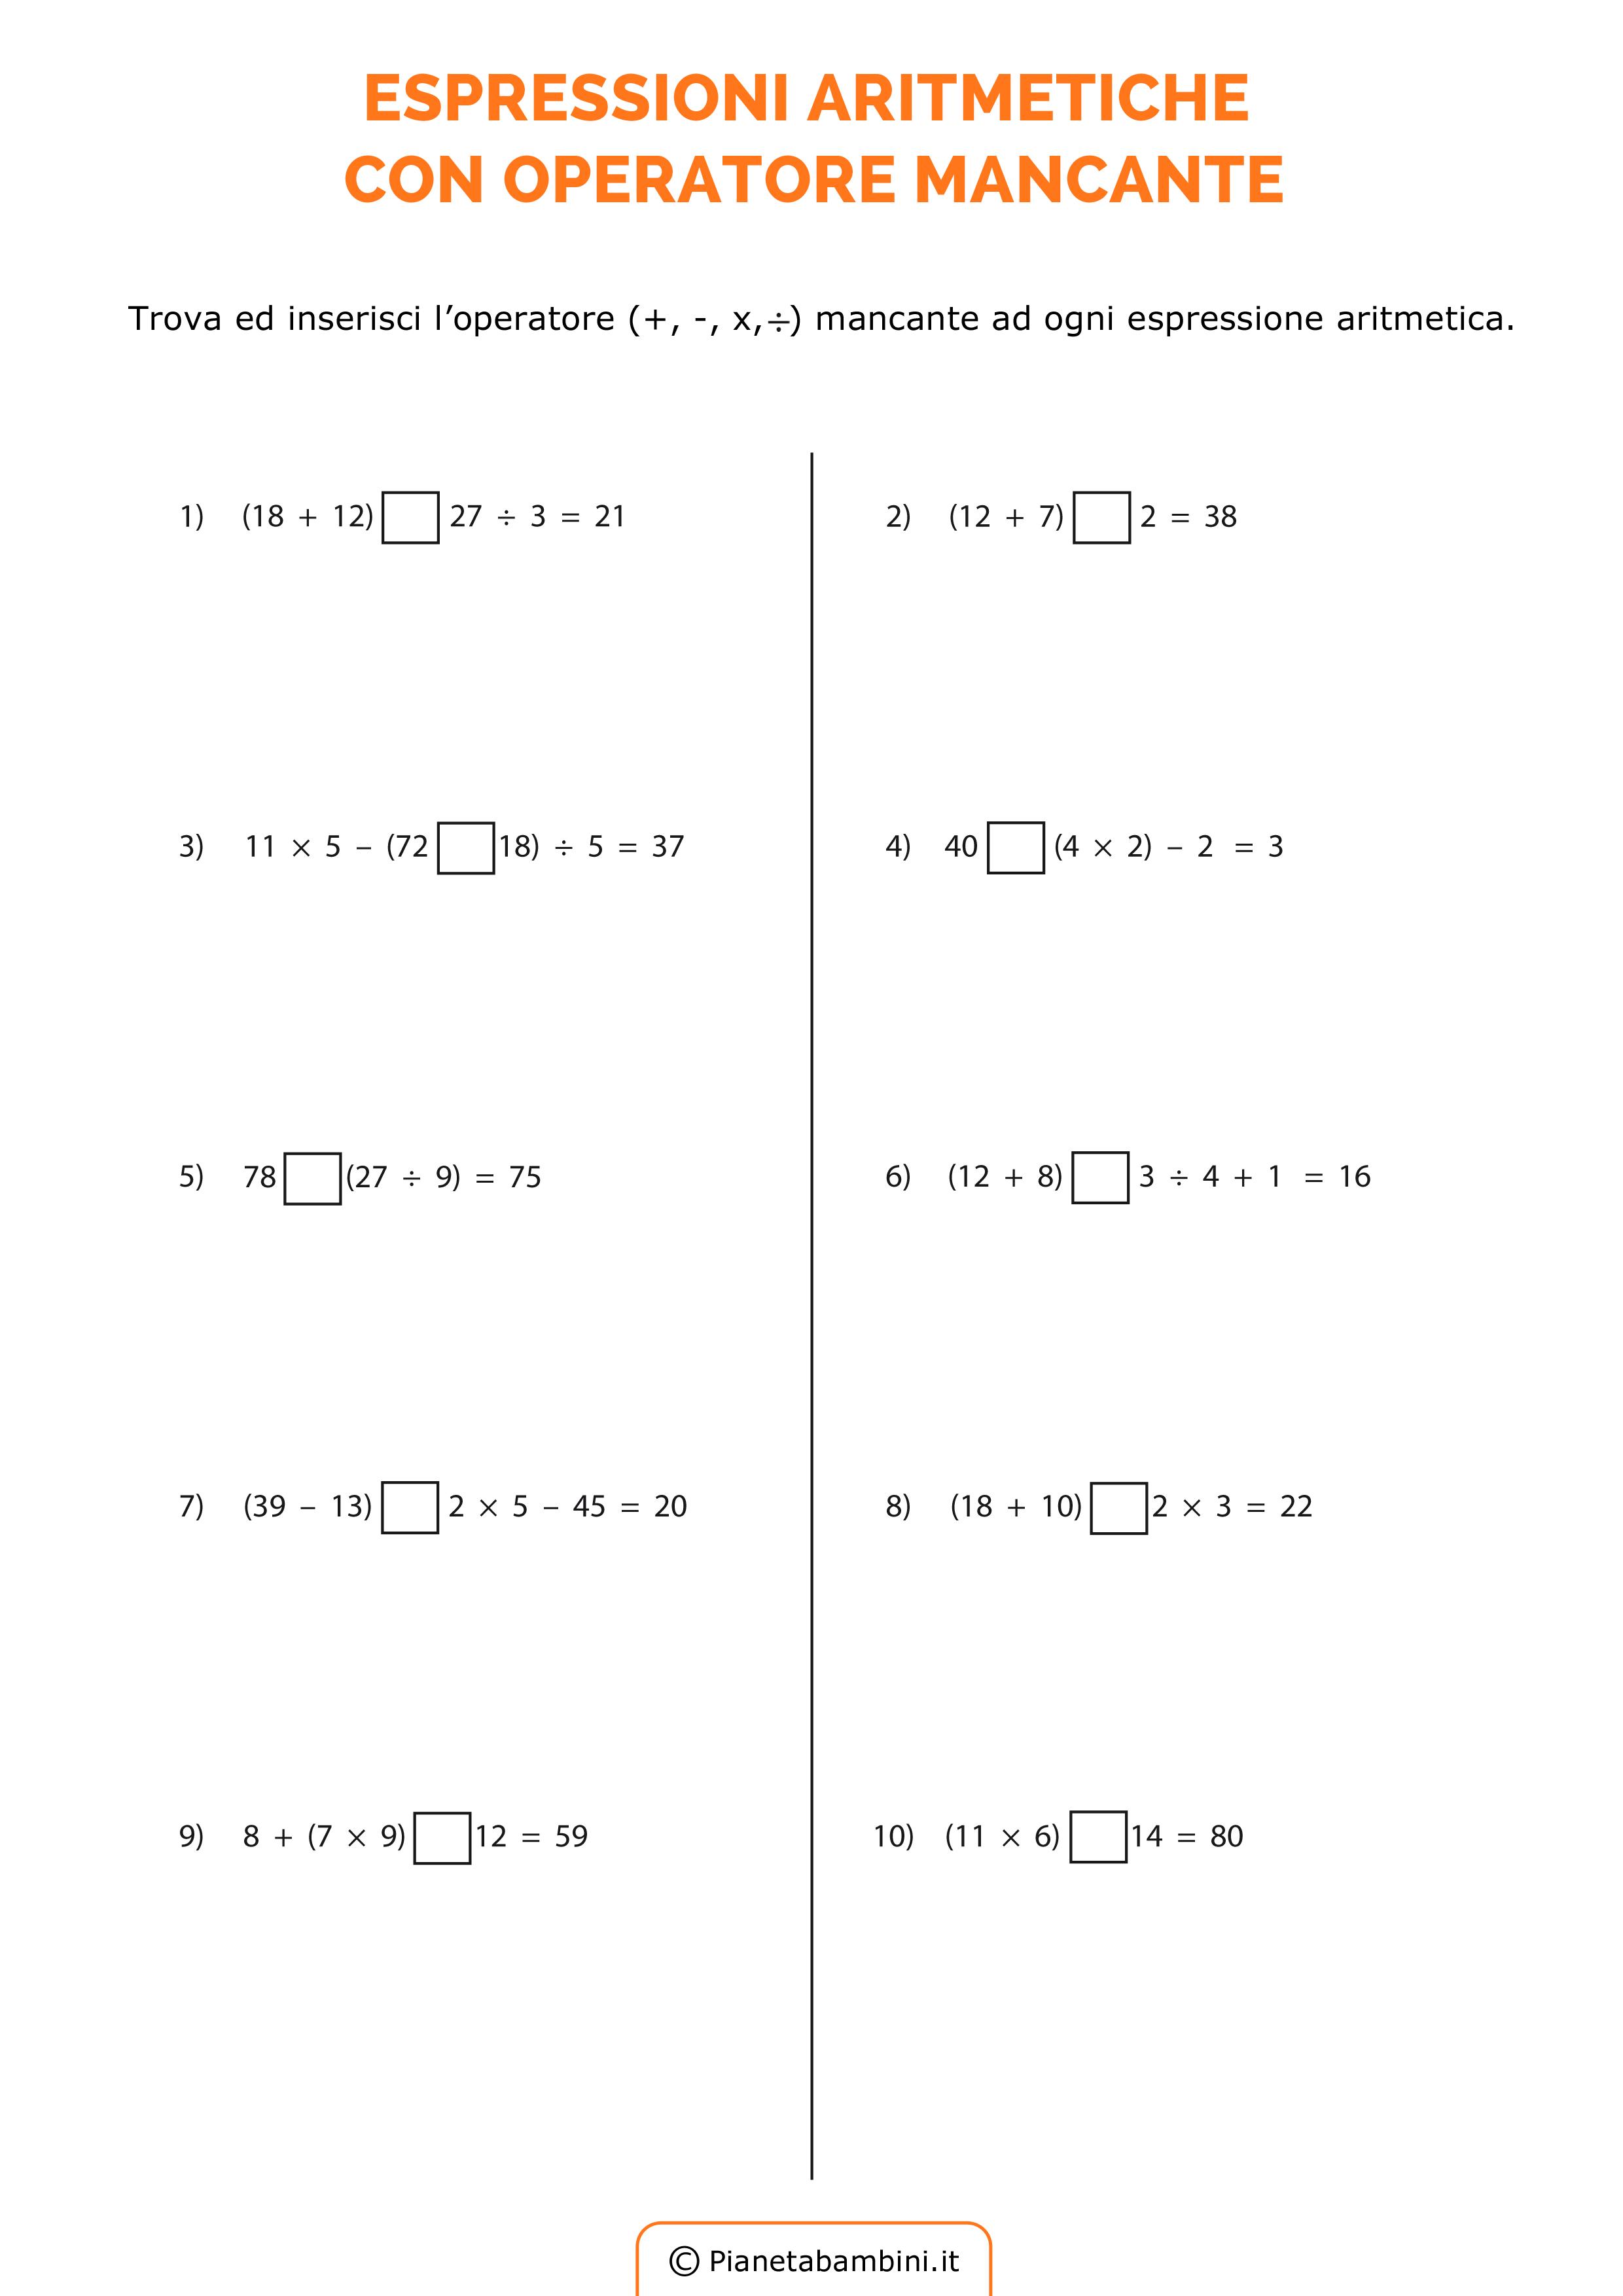 Espressioni aritmetiche esercizi da stampare e